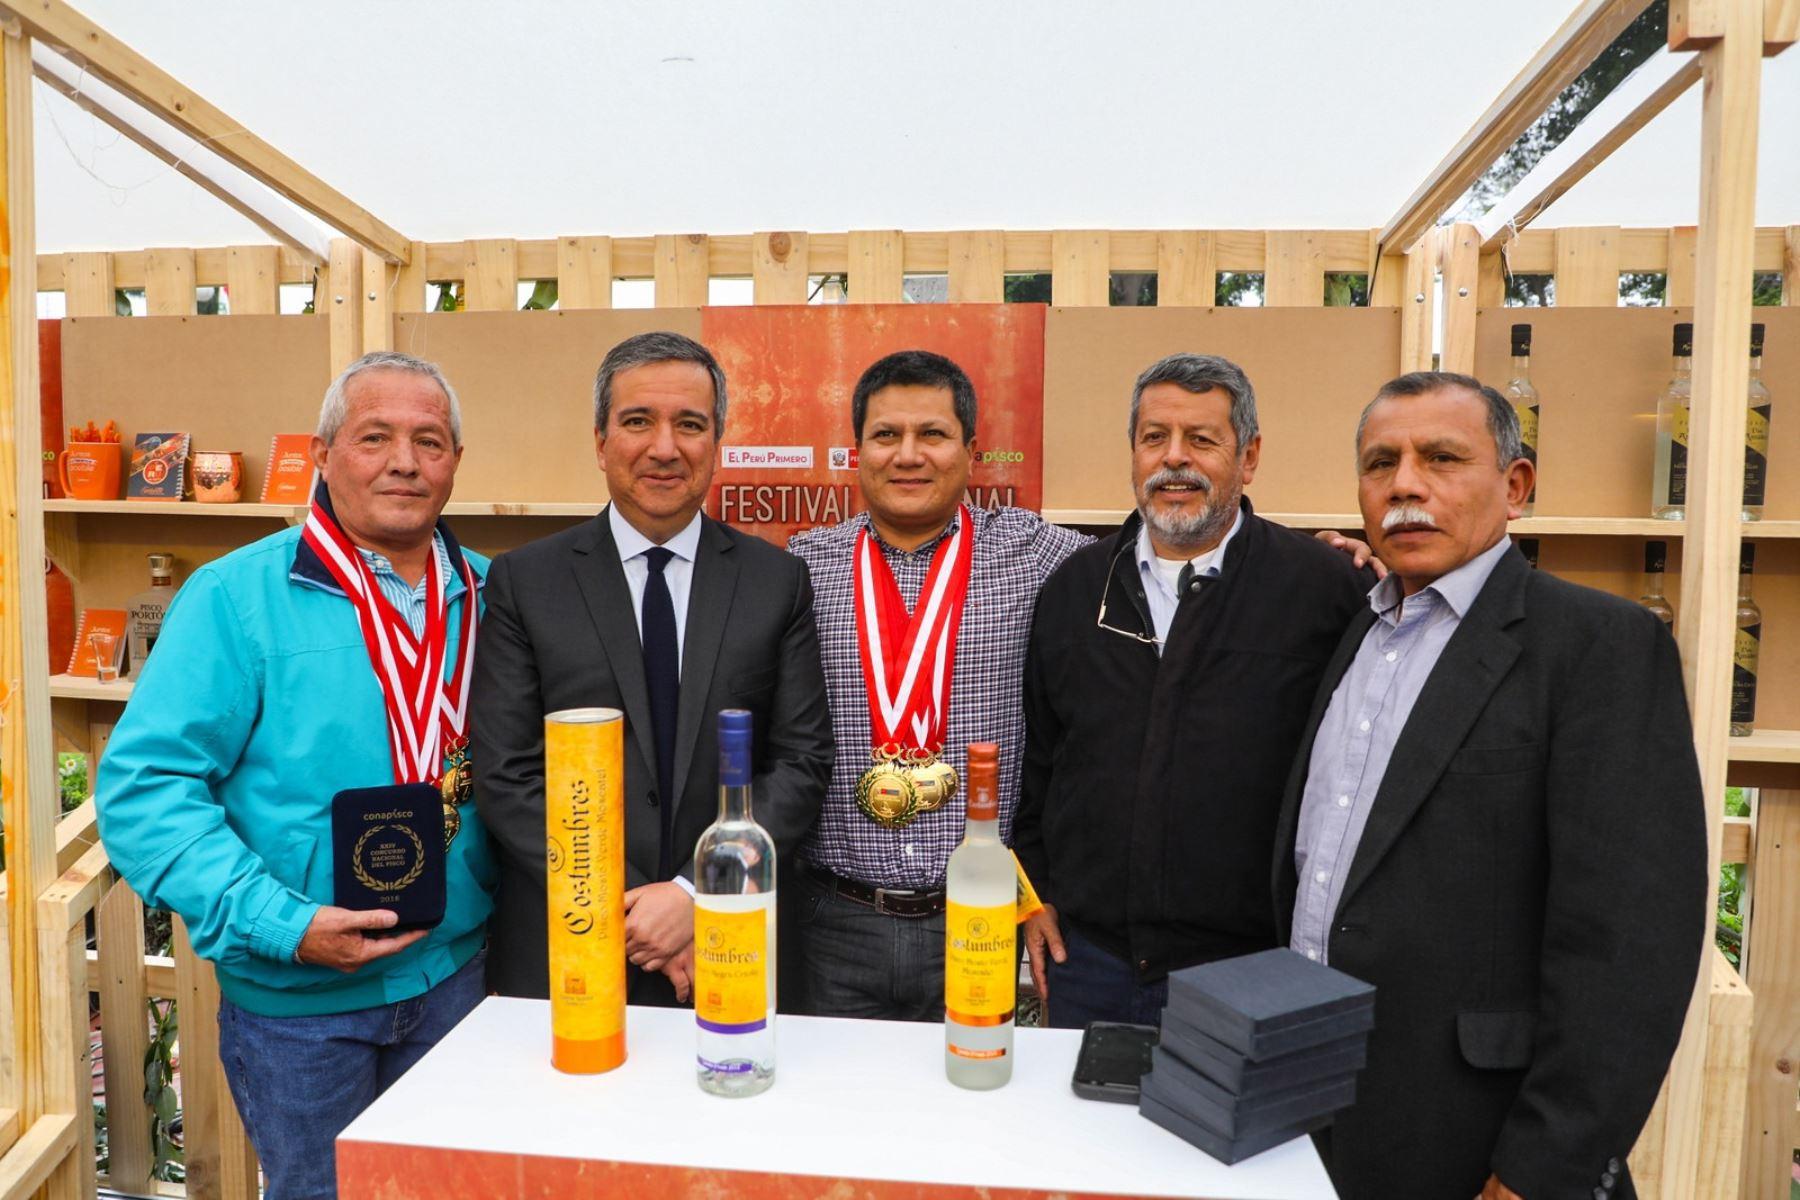 XXIV Concurso Nacional del Pisco. Cortesía.